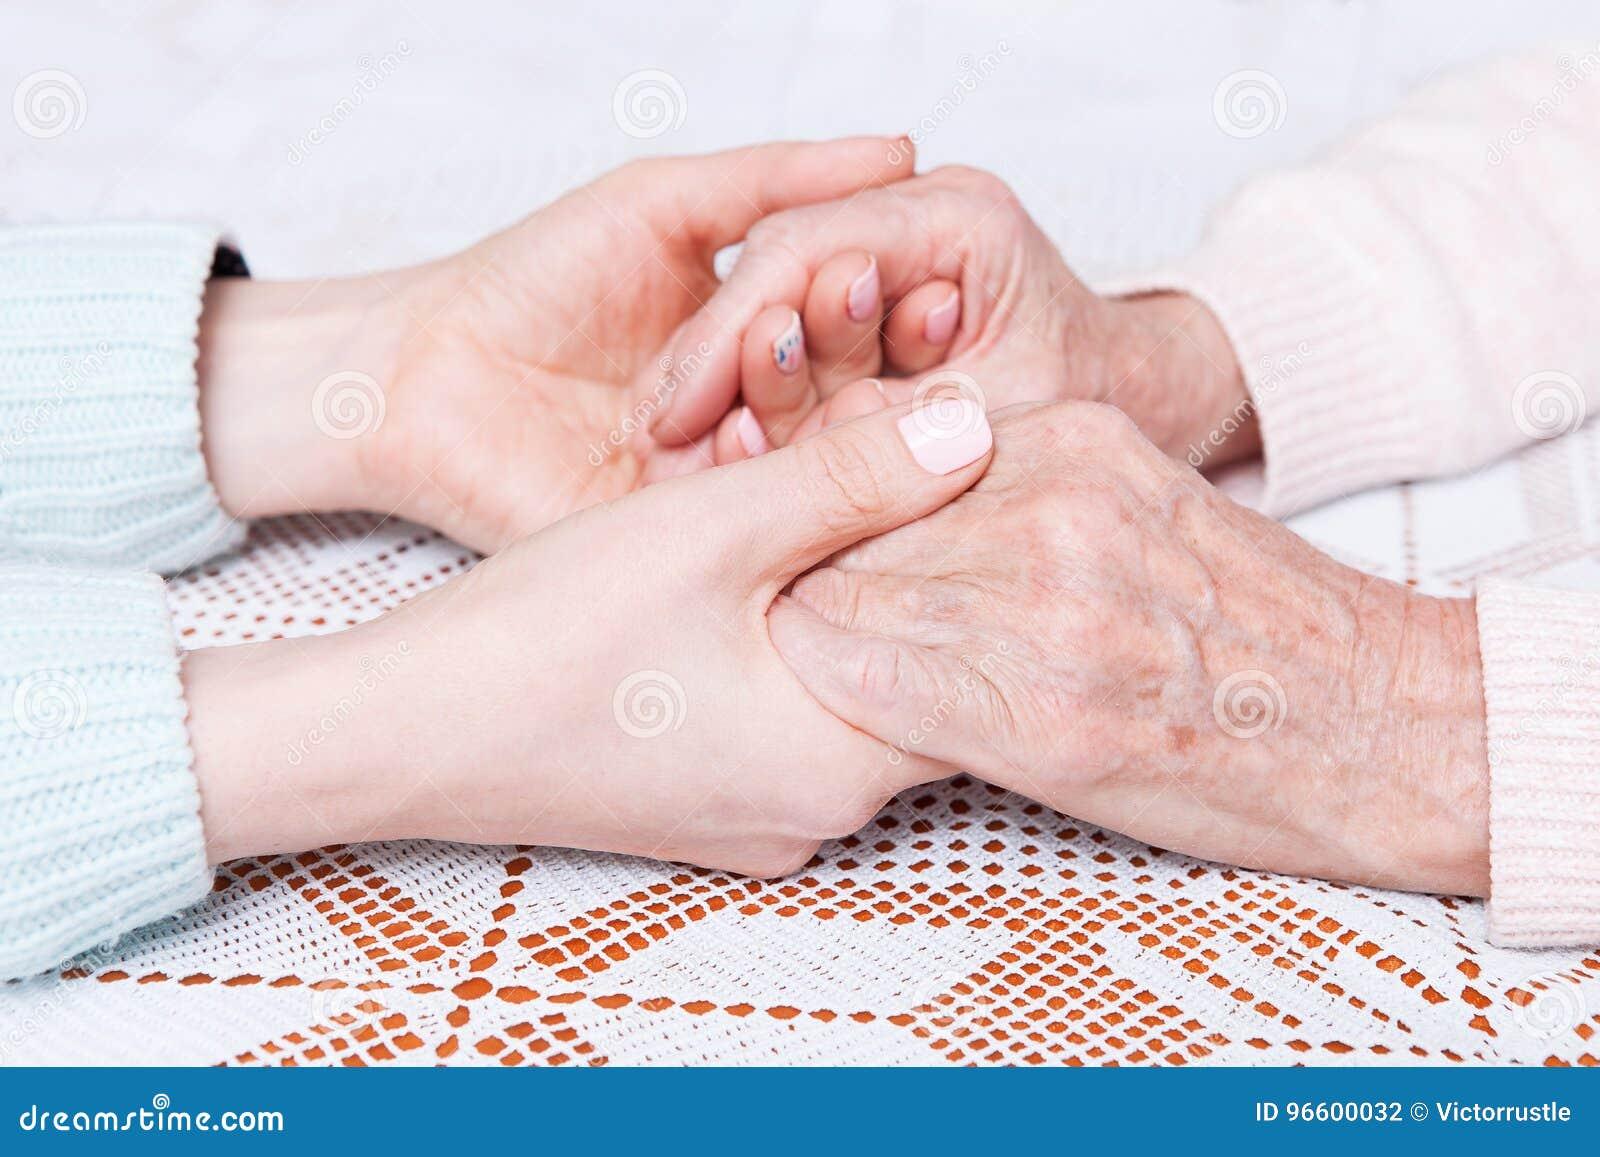 Помощь пожилым людям на дому дома для престарелых и инвалидов в карелии